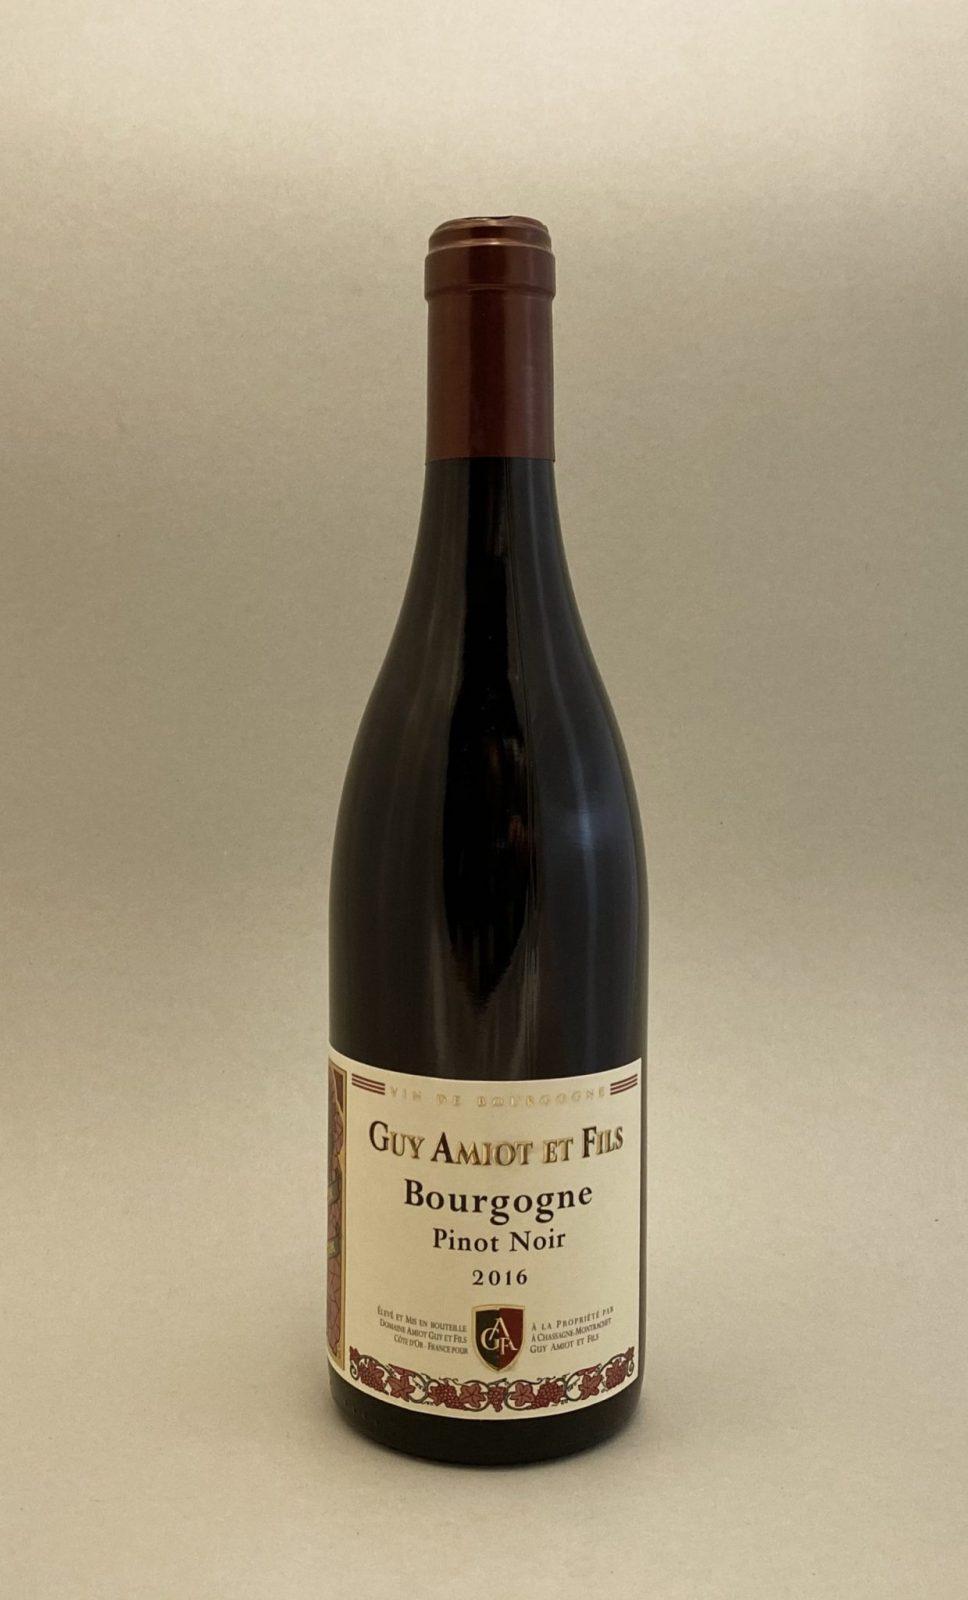 GUY AMIOT Bourgogne Pinot Noir 2016, vinoteka Sunny wines slnecnice mesto Bratislava, petrzalka, vino červené z Francúzska